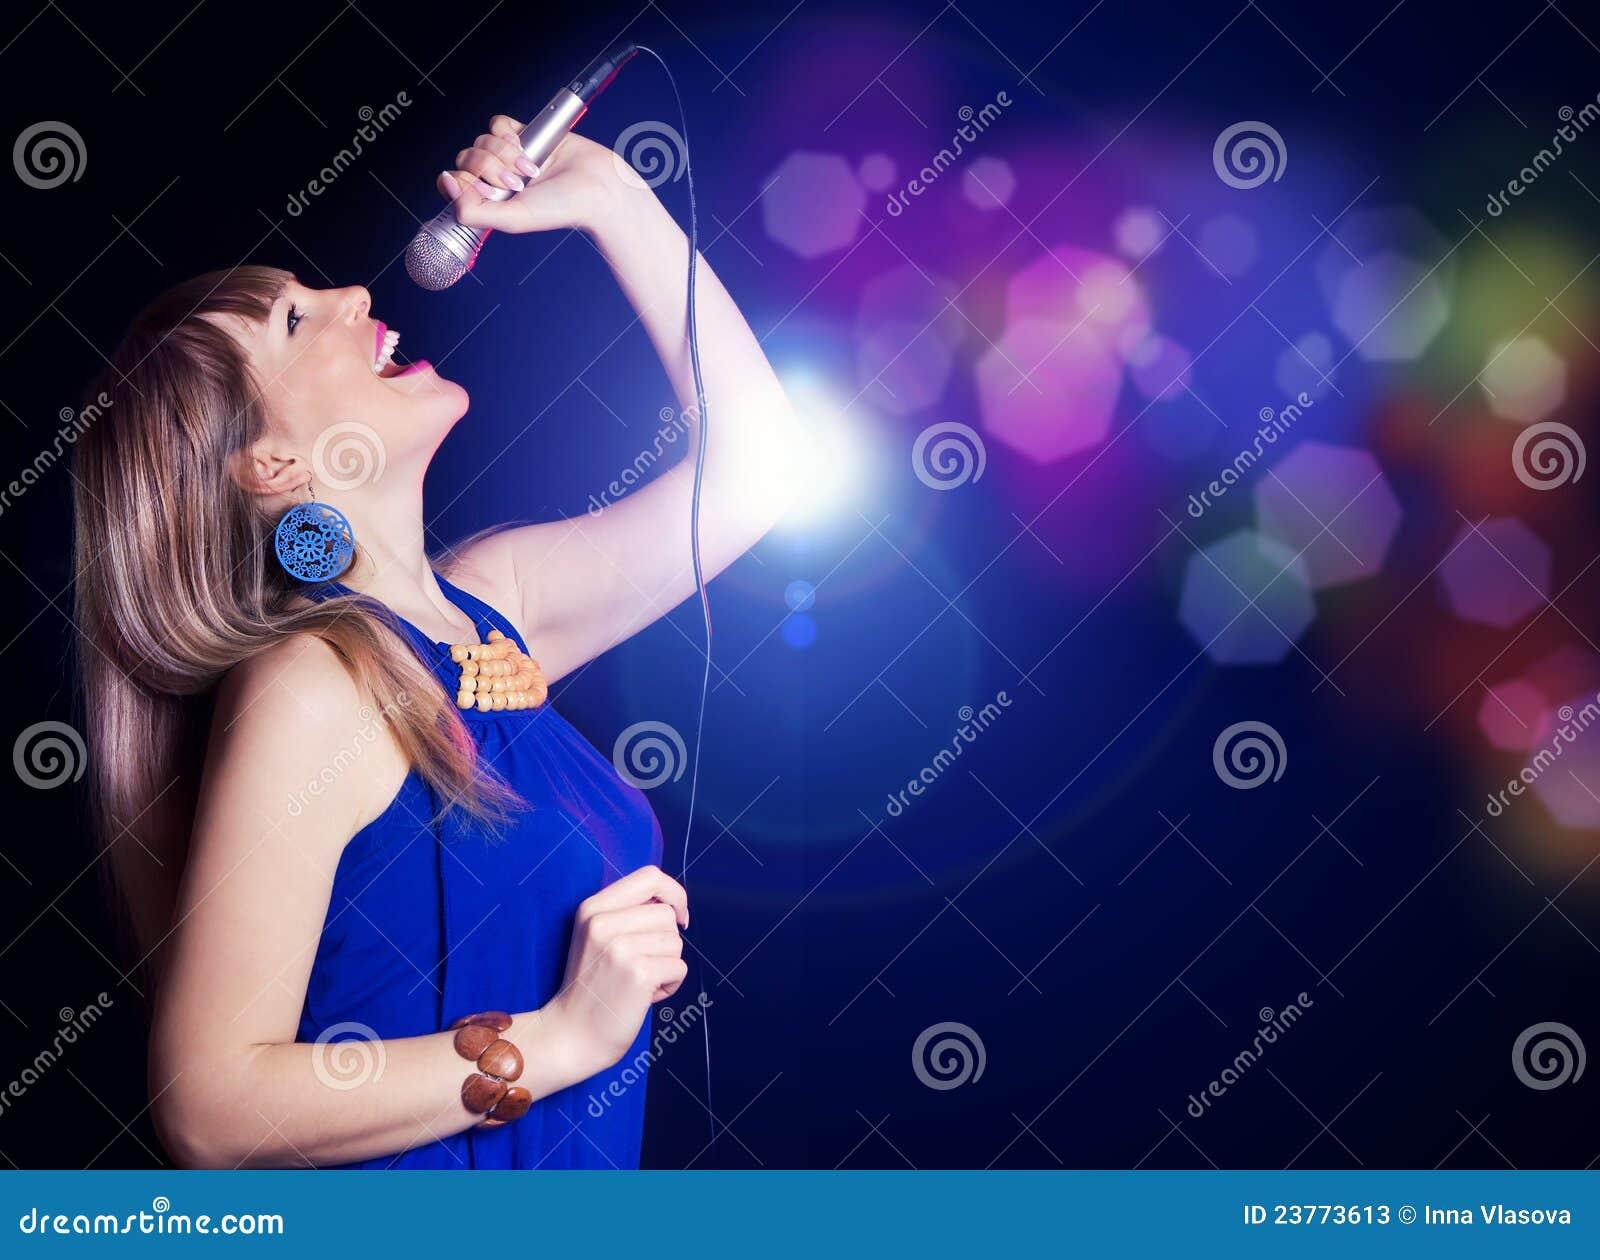 Как научиться петь в домашних условиях 8